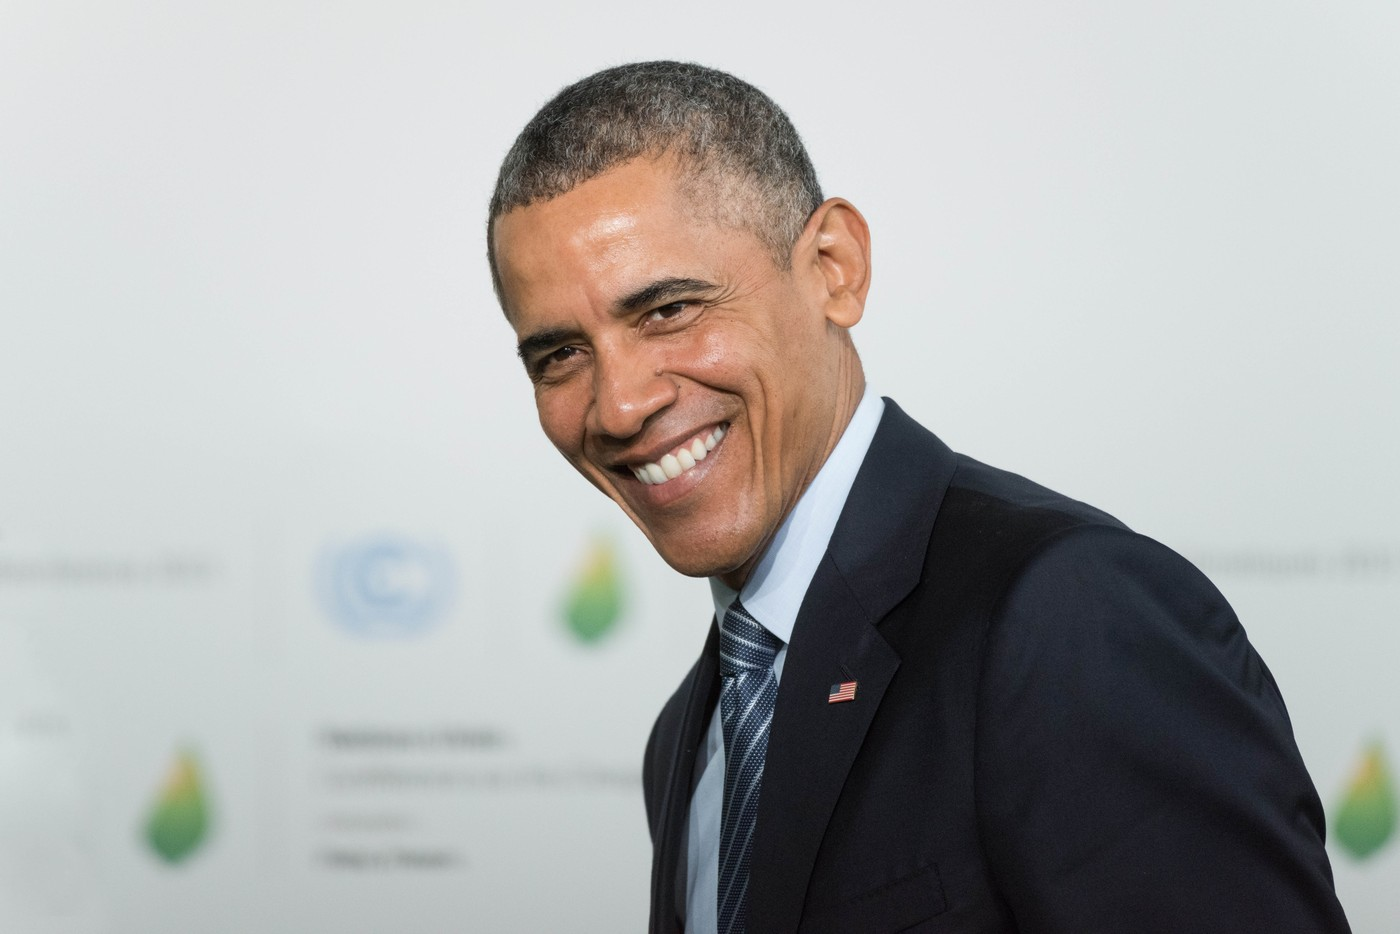 歐巴馬:不能用新創公司的模式經營美國政府